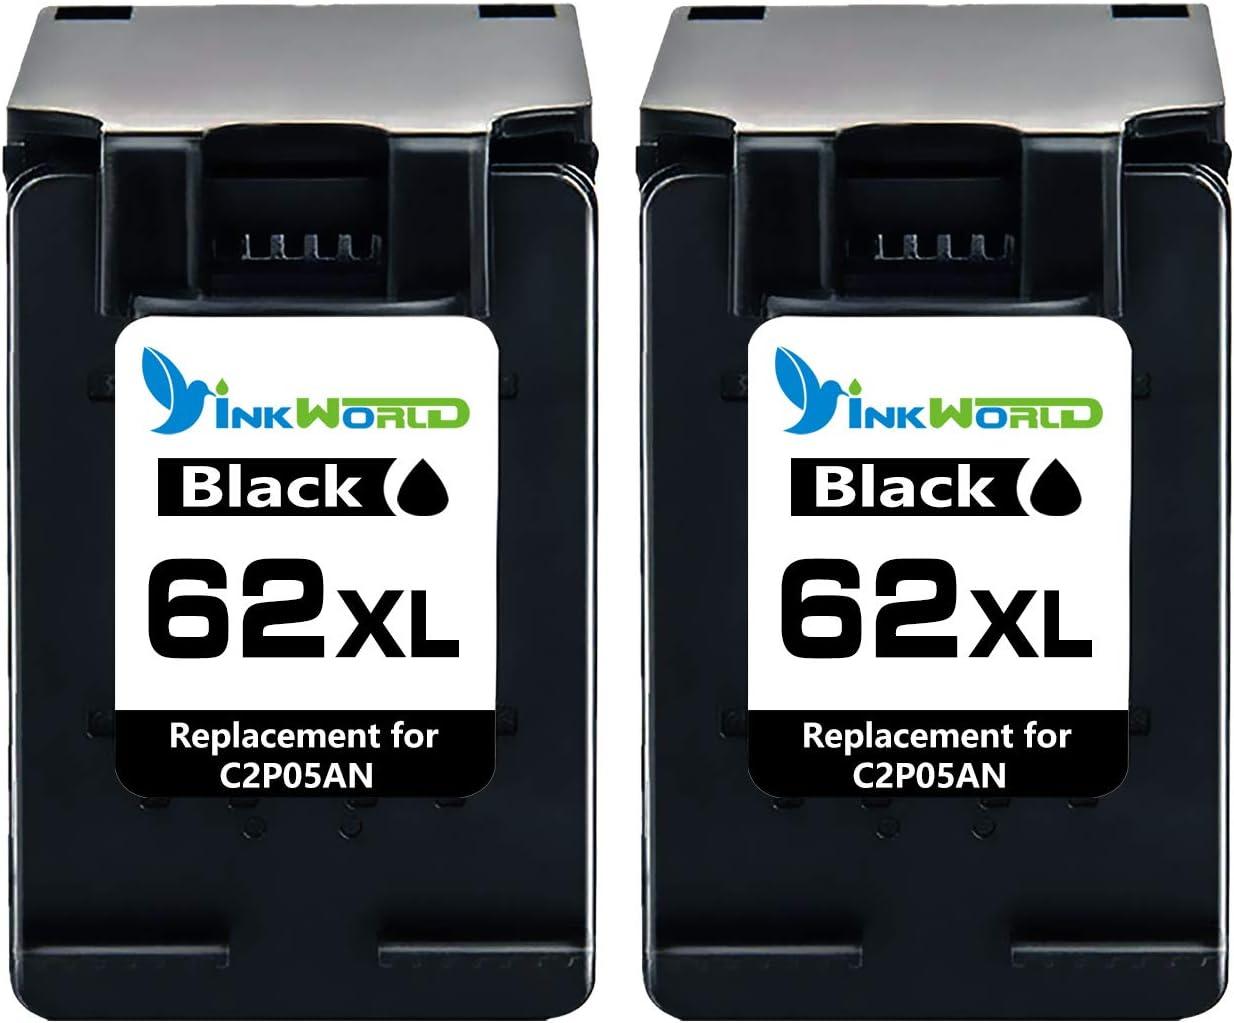 Inkwood 62XL - Cartuchos de tinta remanufacturados HP 62, 62XL. Combo Pack compatible con HP Envy 5540, 5640, 7640, 5646, 5546, Officejet 5740, 5742, 200. 2 unidades, color negro.: Amazon.es: Oficina y papelería